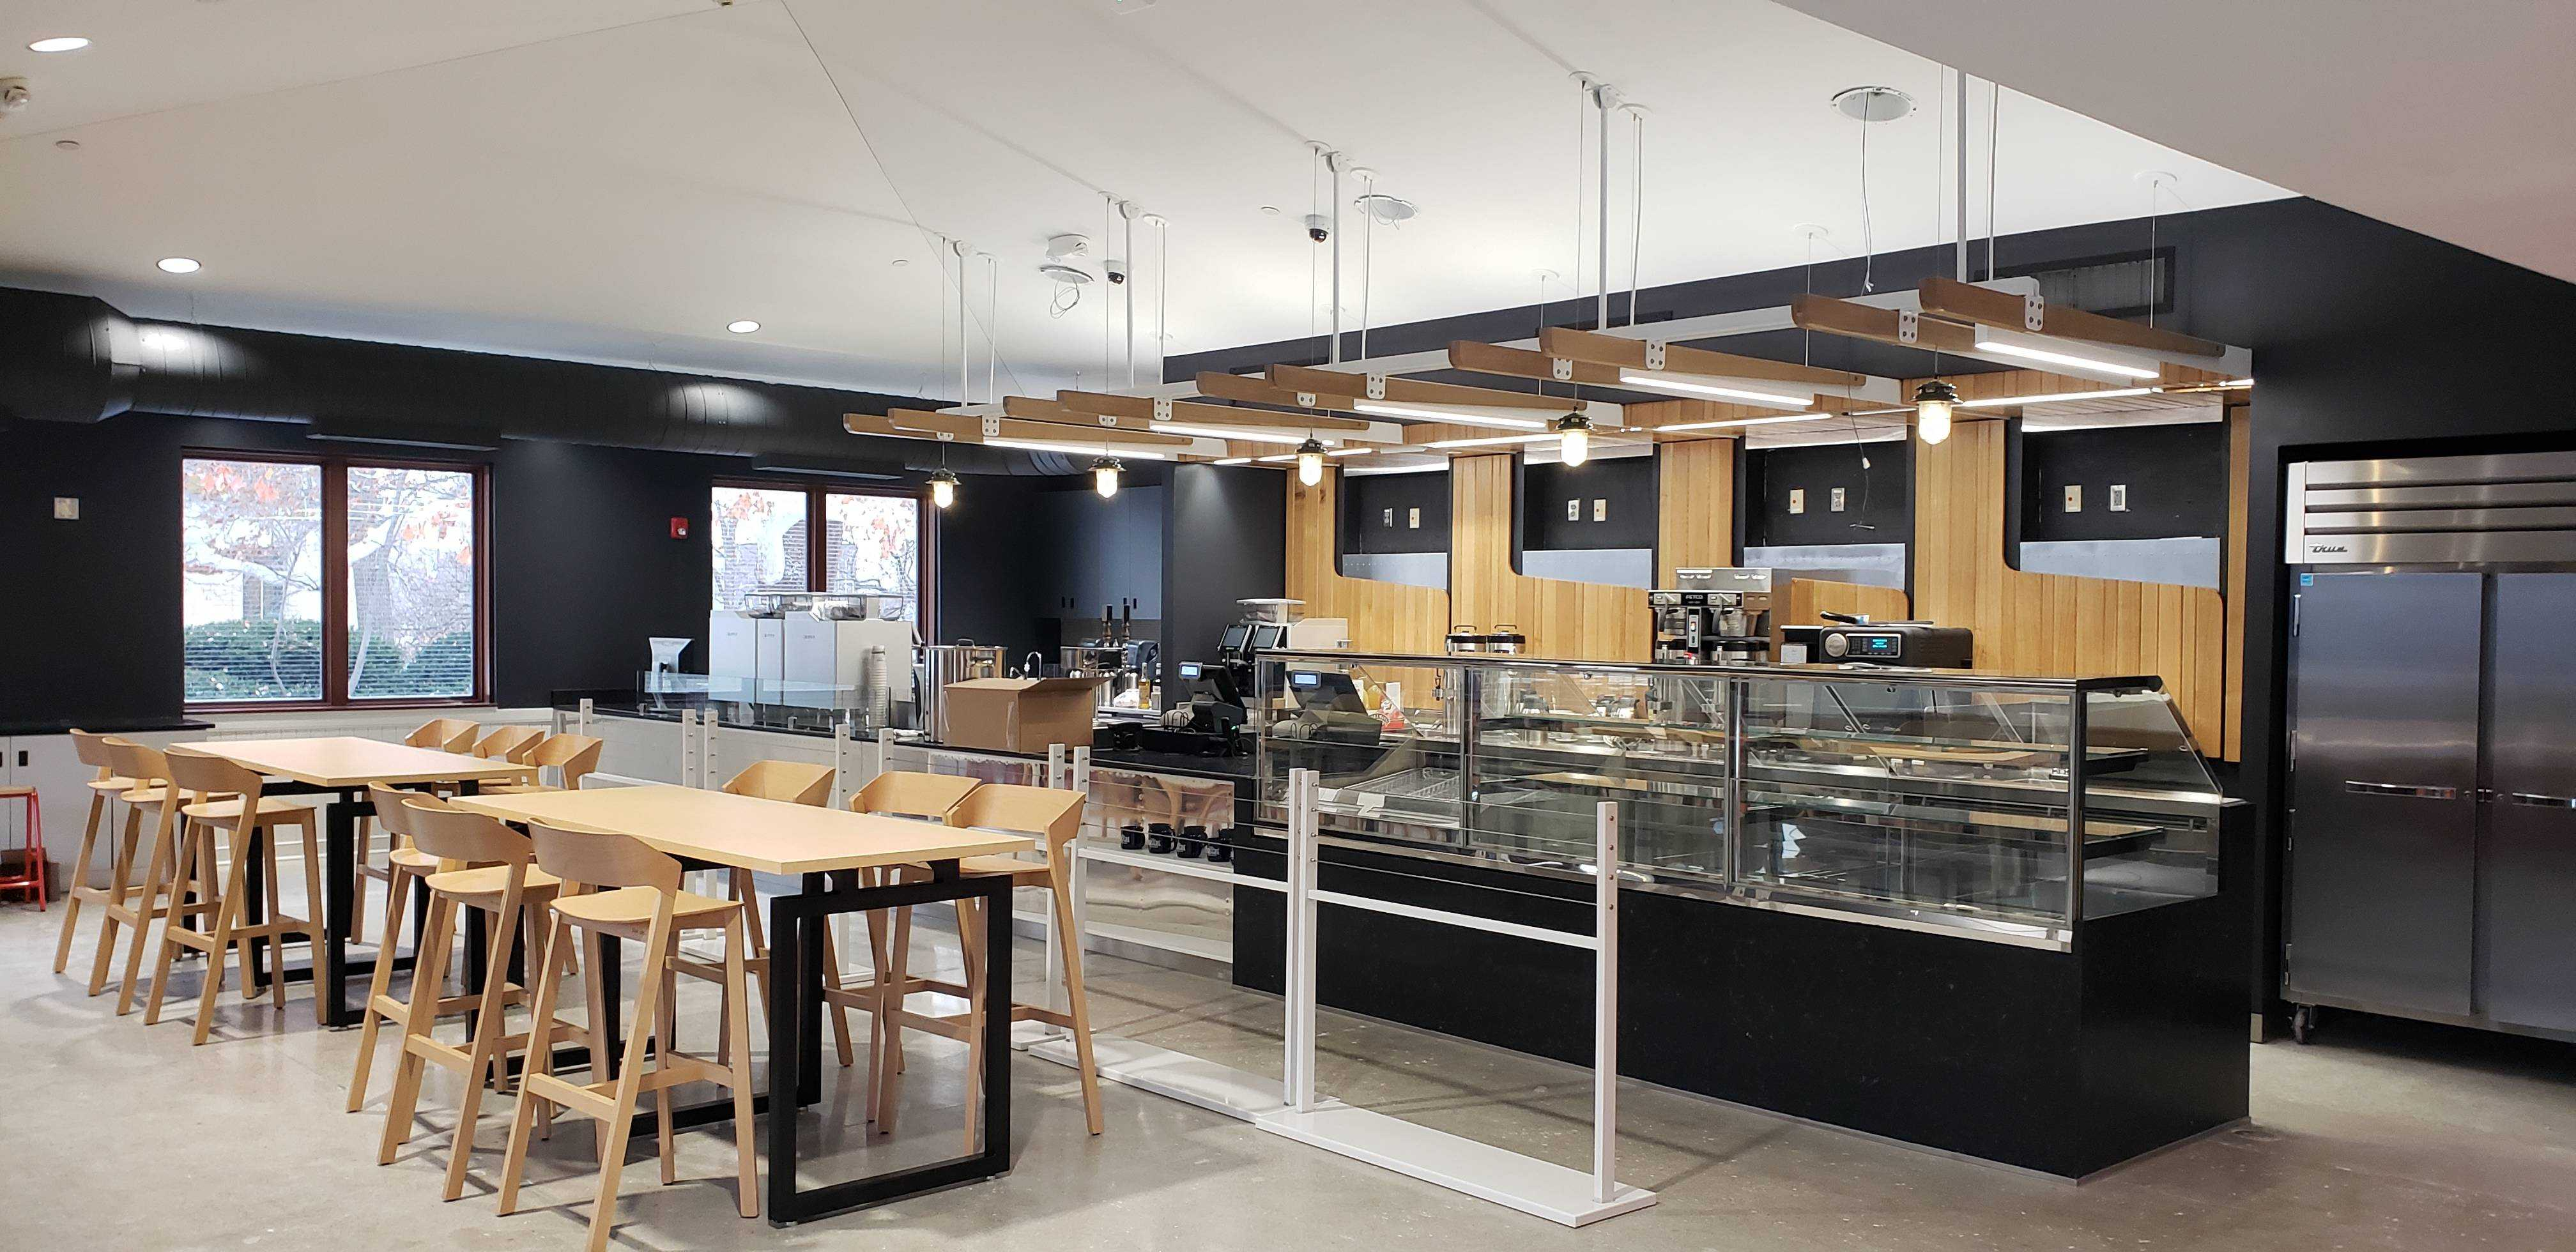 ISU Hub Dining Facility